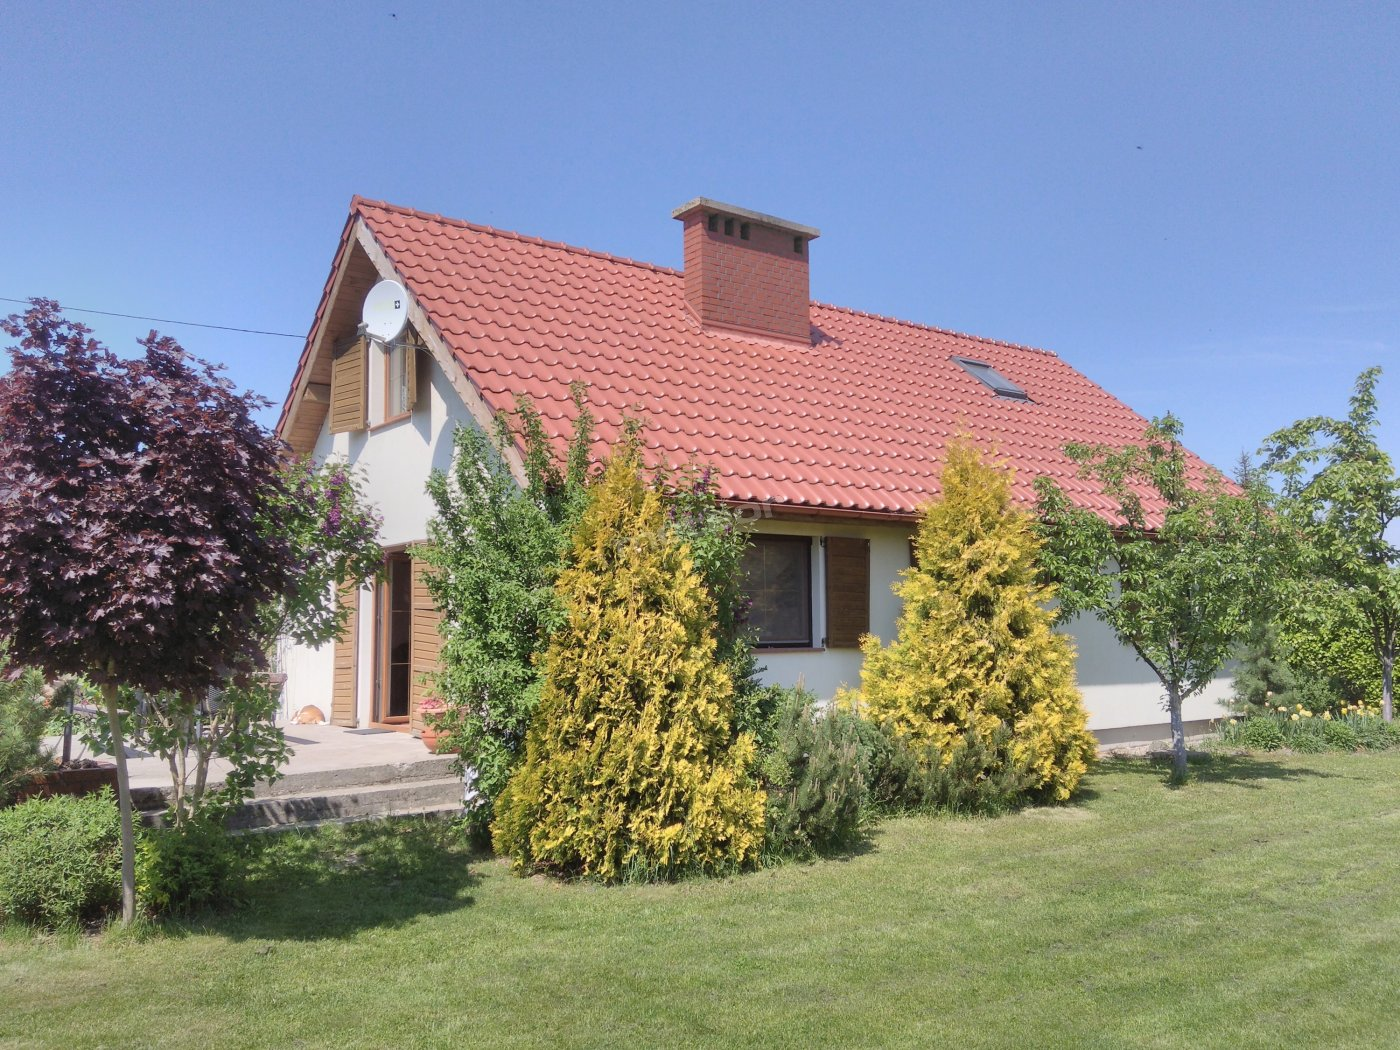 Dom I Akacjowa 14 widok domu z maja 2017r.